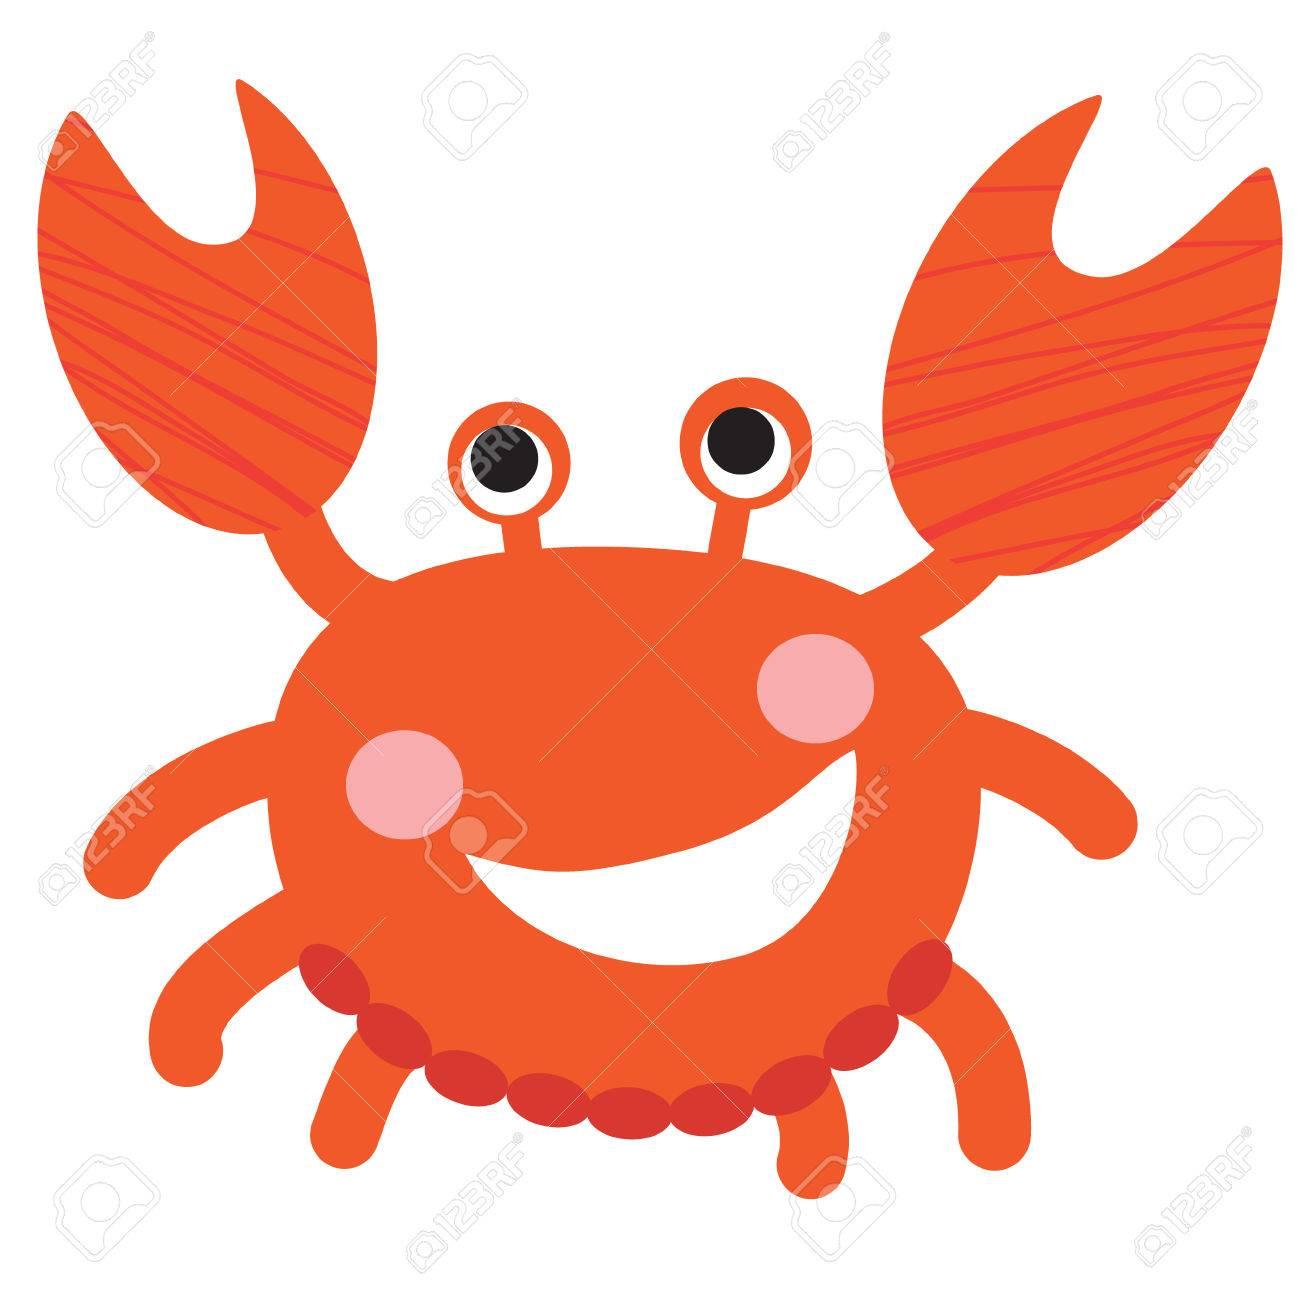 Eine Abbildung Eines Netten Lächelnden Rote Krabbe, Im Format. Nizza Krabbe  Bild Für Kinder